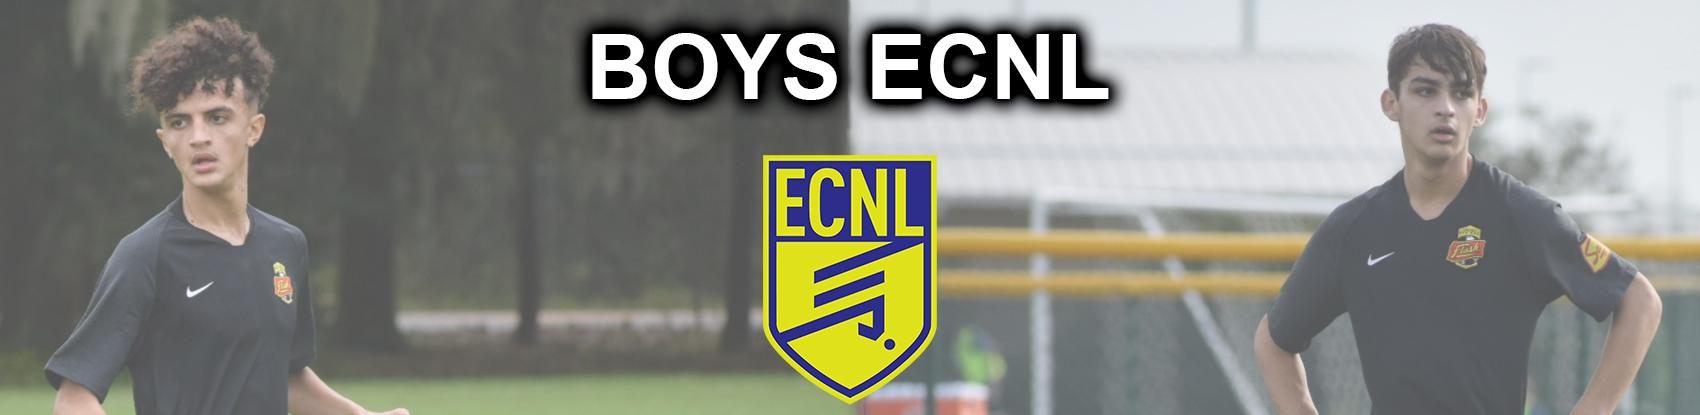 BoysECNL - Updated